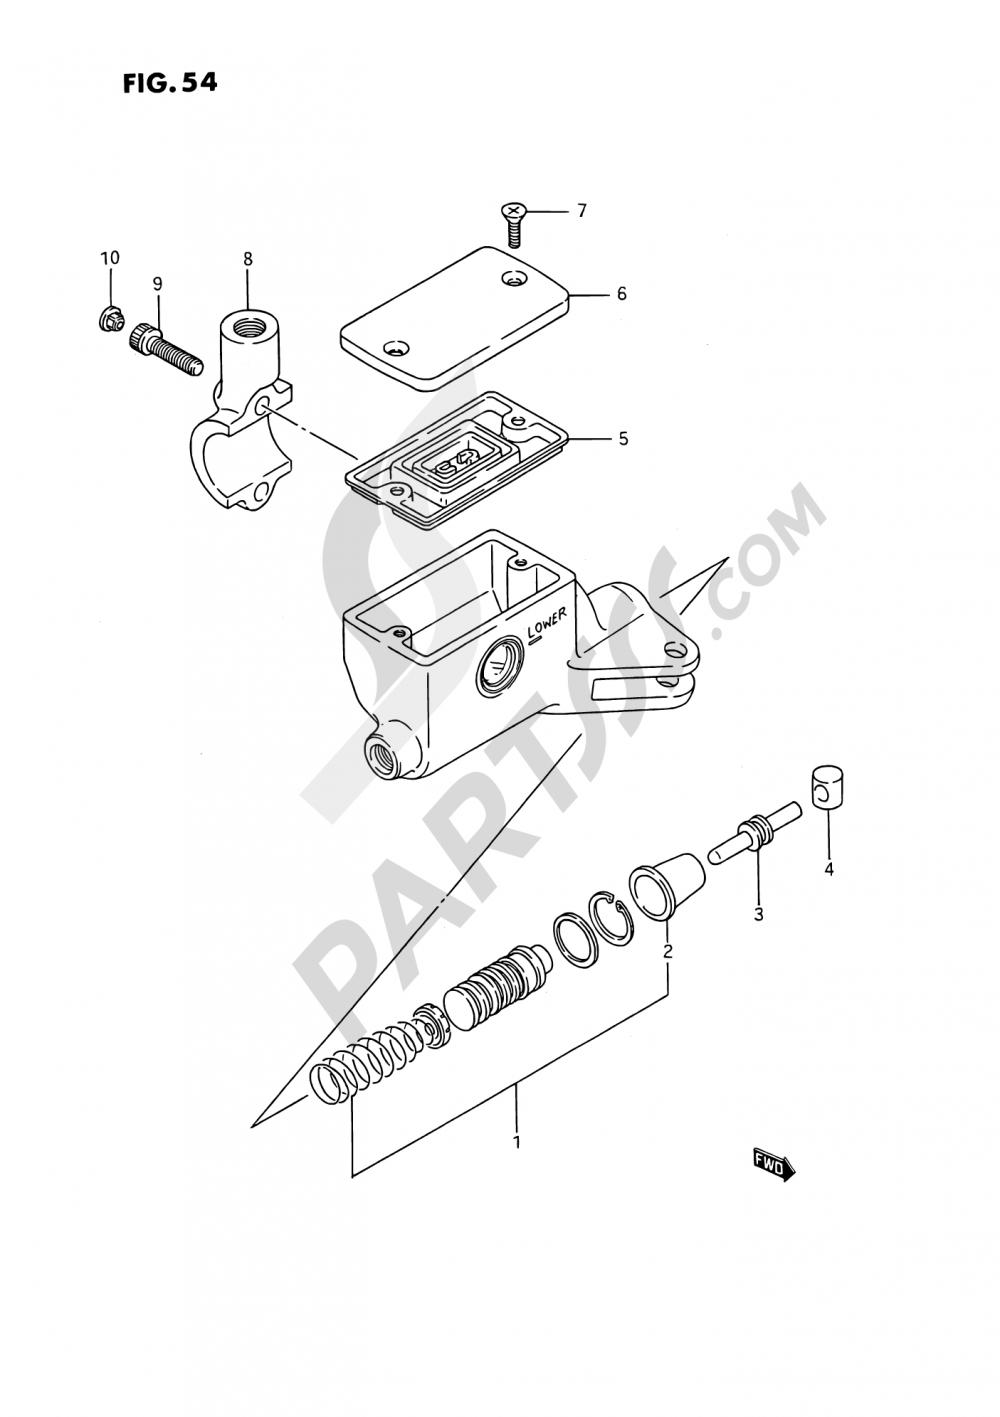 54 - CLUTCH CYLINDER (SEE NOTE) Suzuki VS1400GLP 1992